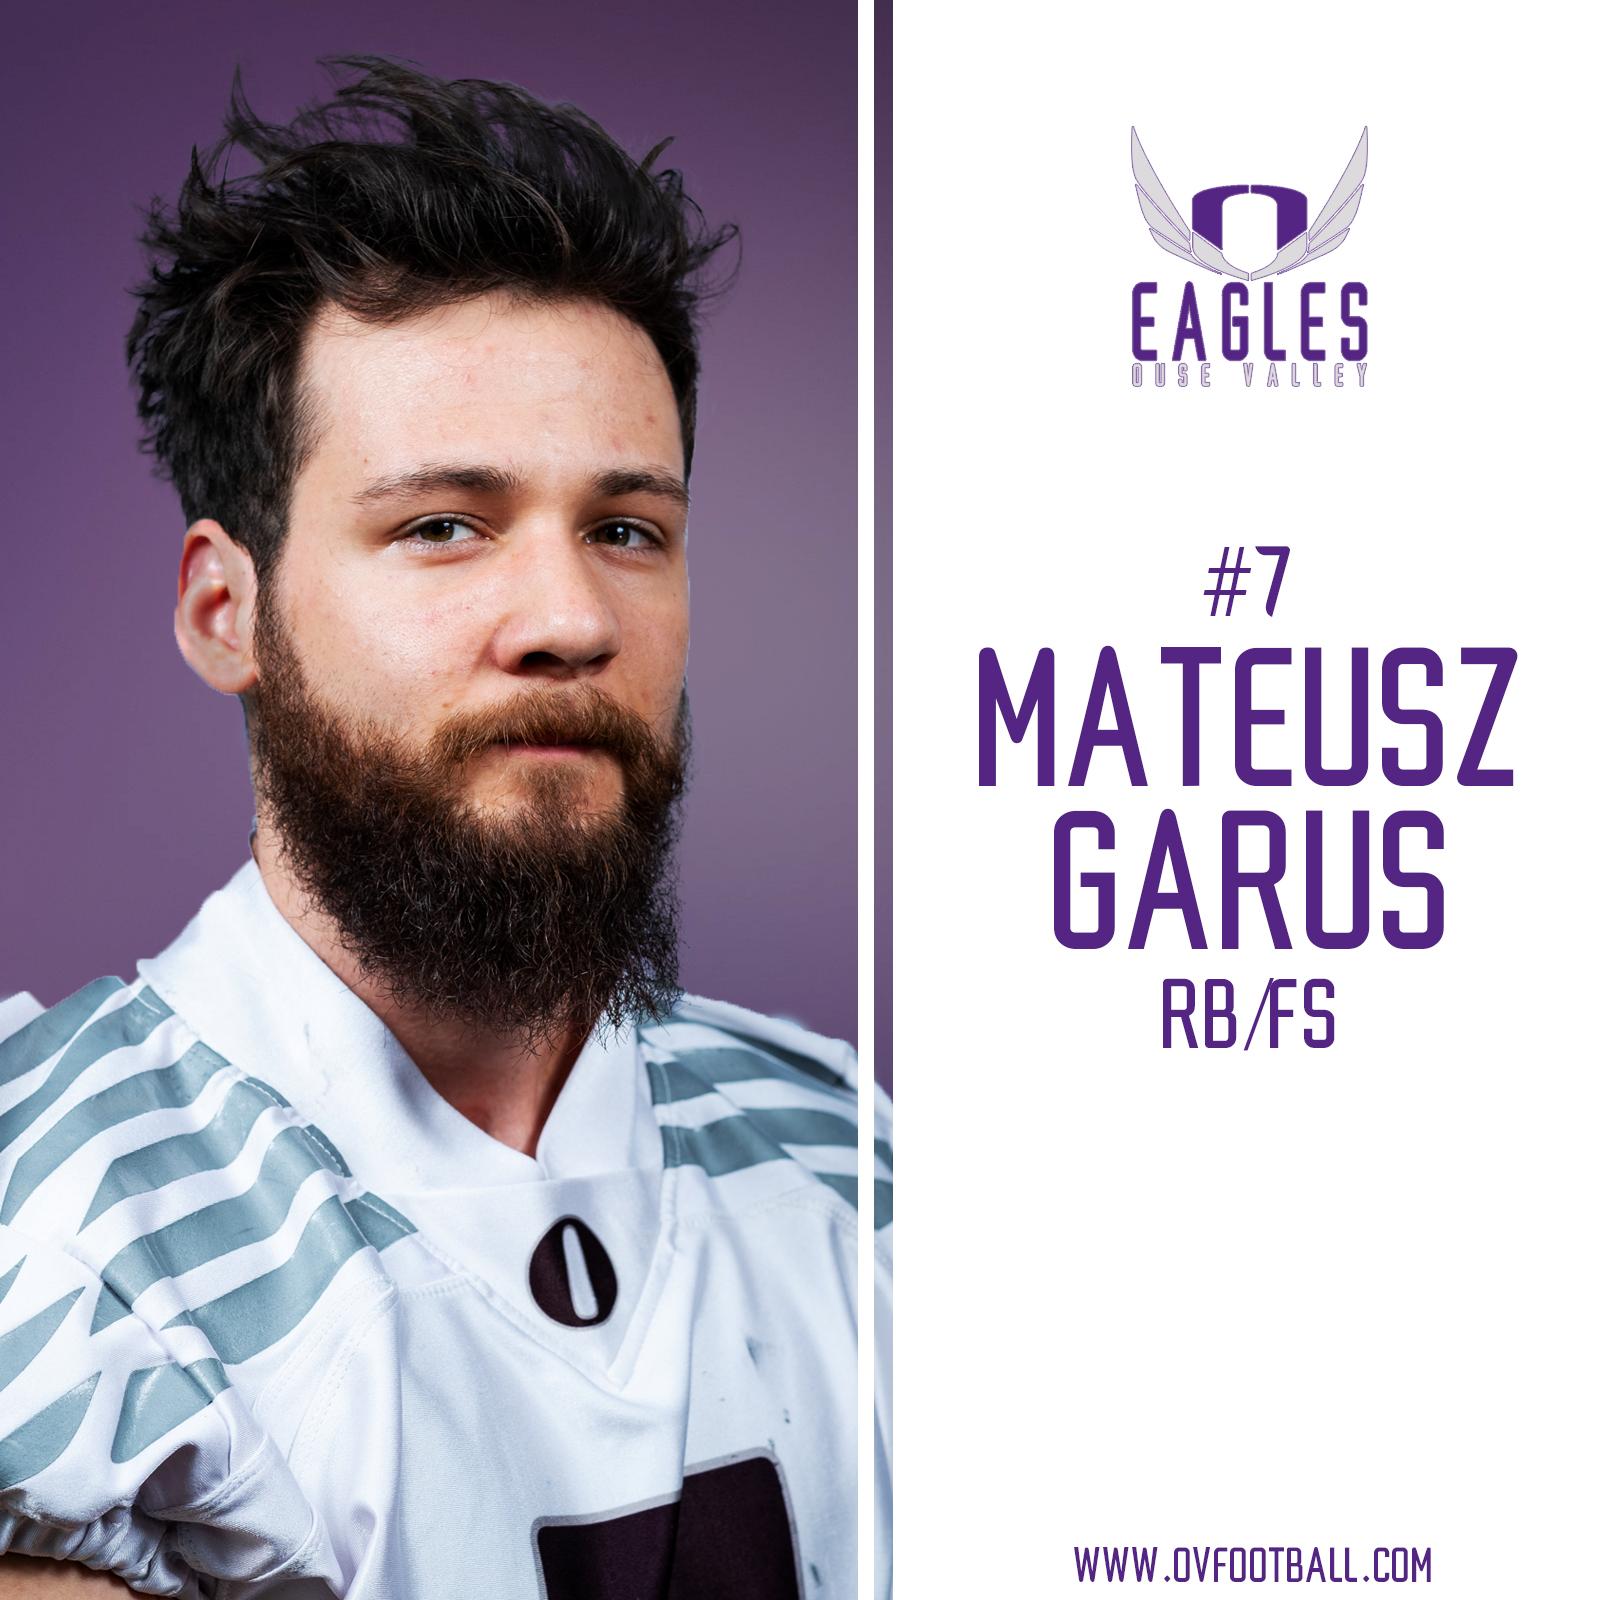 Mateusz-Garus.jpg